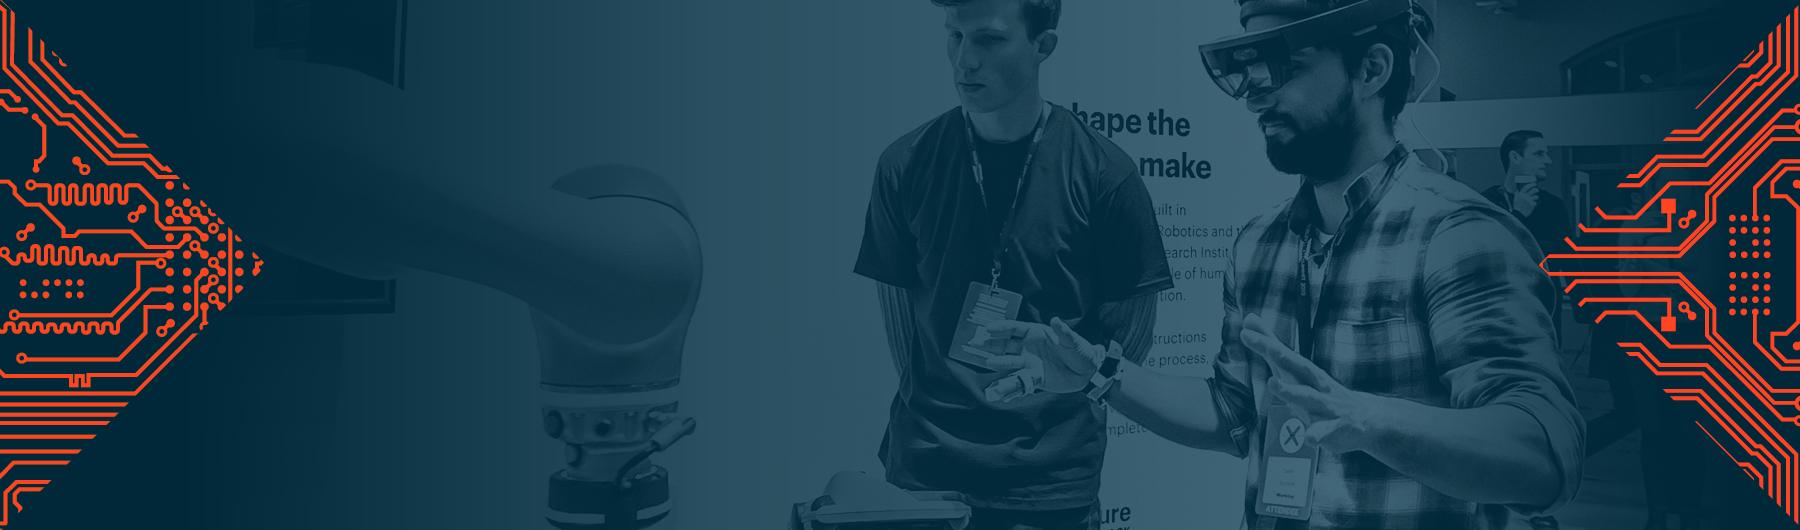 Dublin Tech Summit Virtual 2020